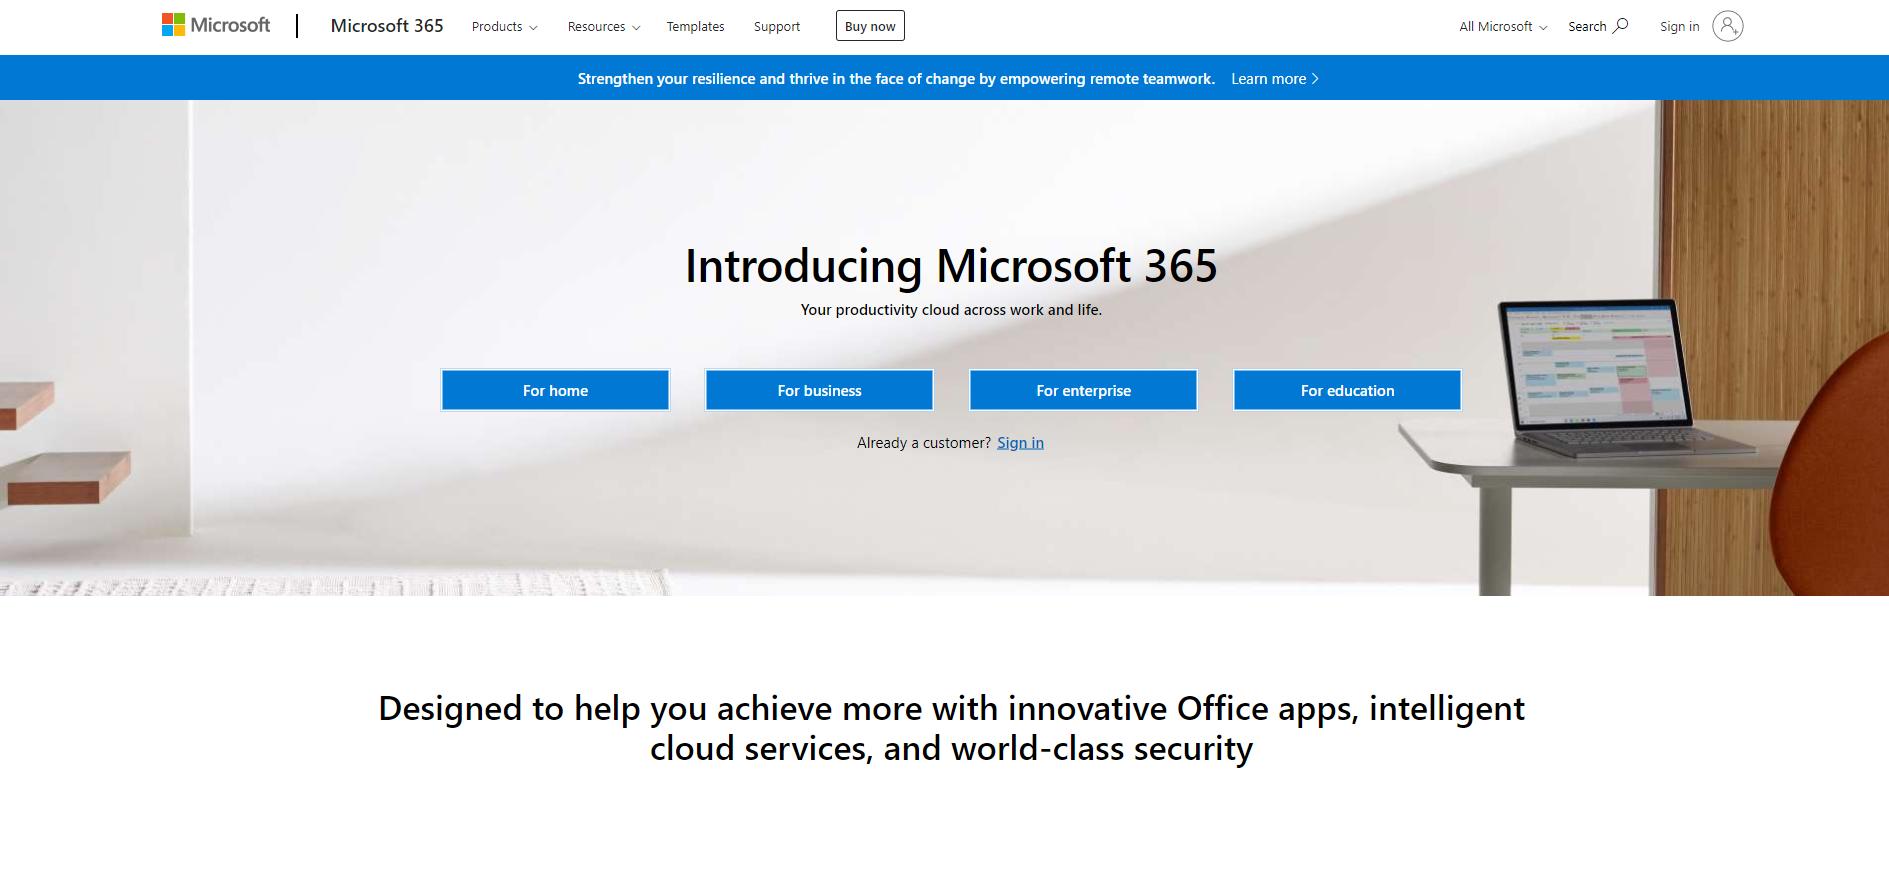 Microsoft website example